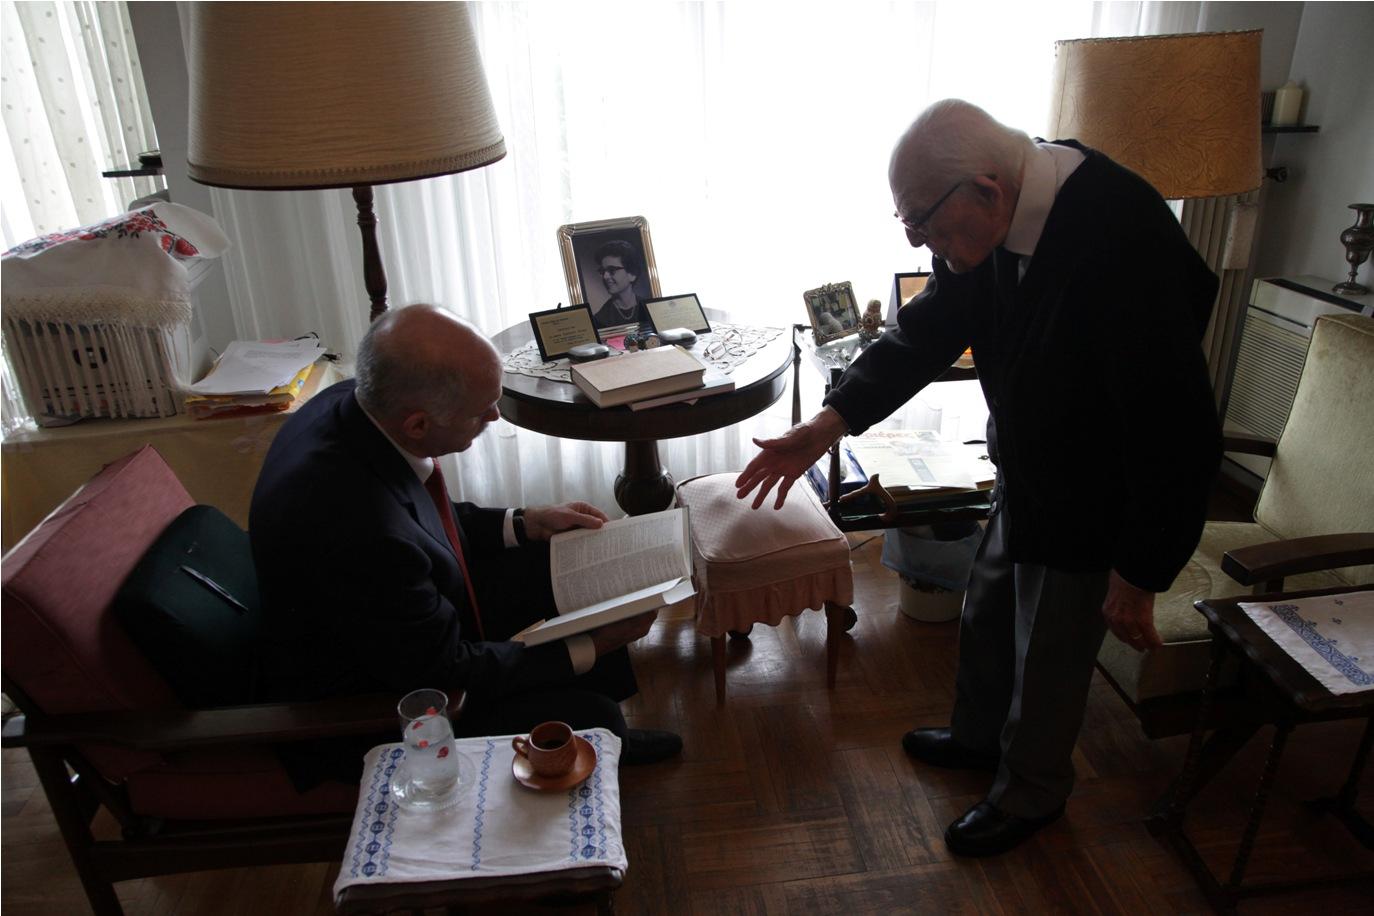 Εμμανουήλ Κριαράς: Έφυγε σε ηλικία 108 ετών ένας μεγάλος δάσκαλος